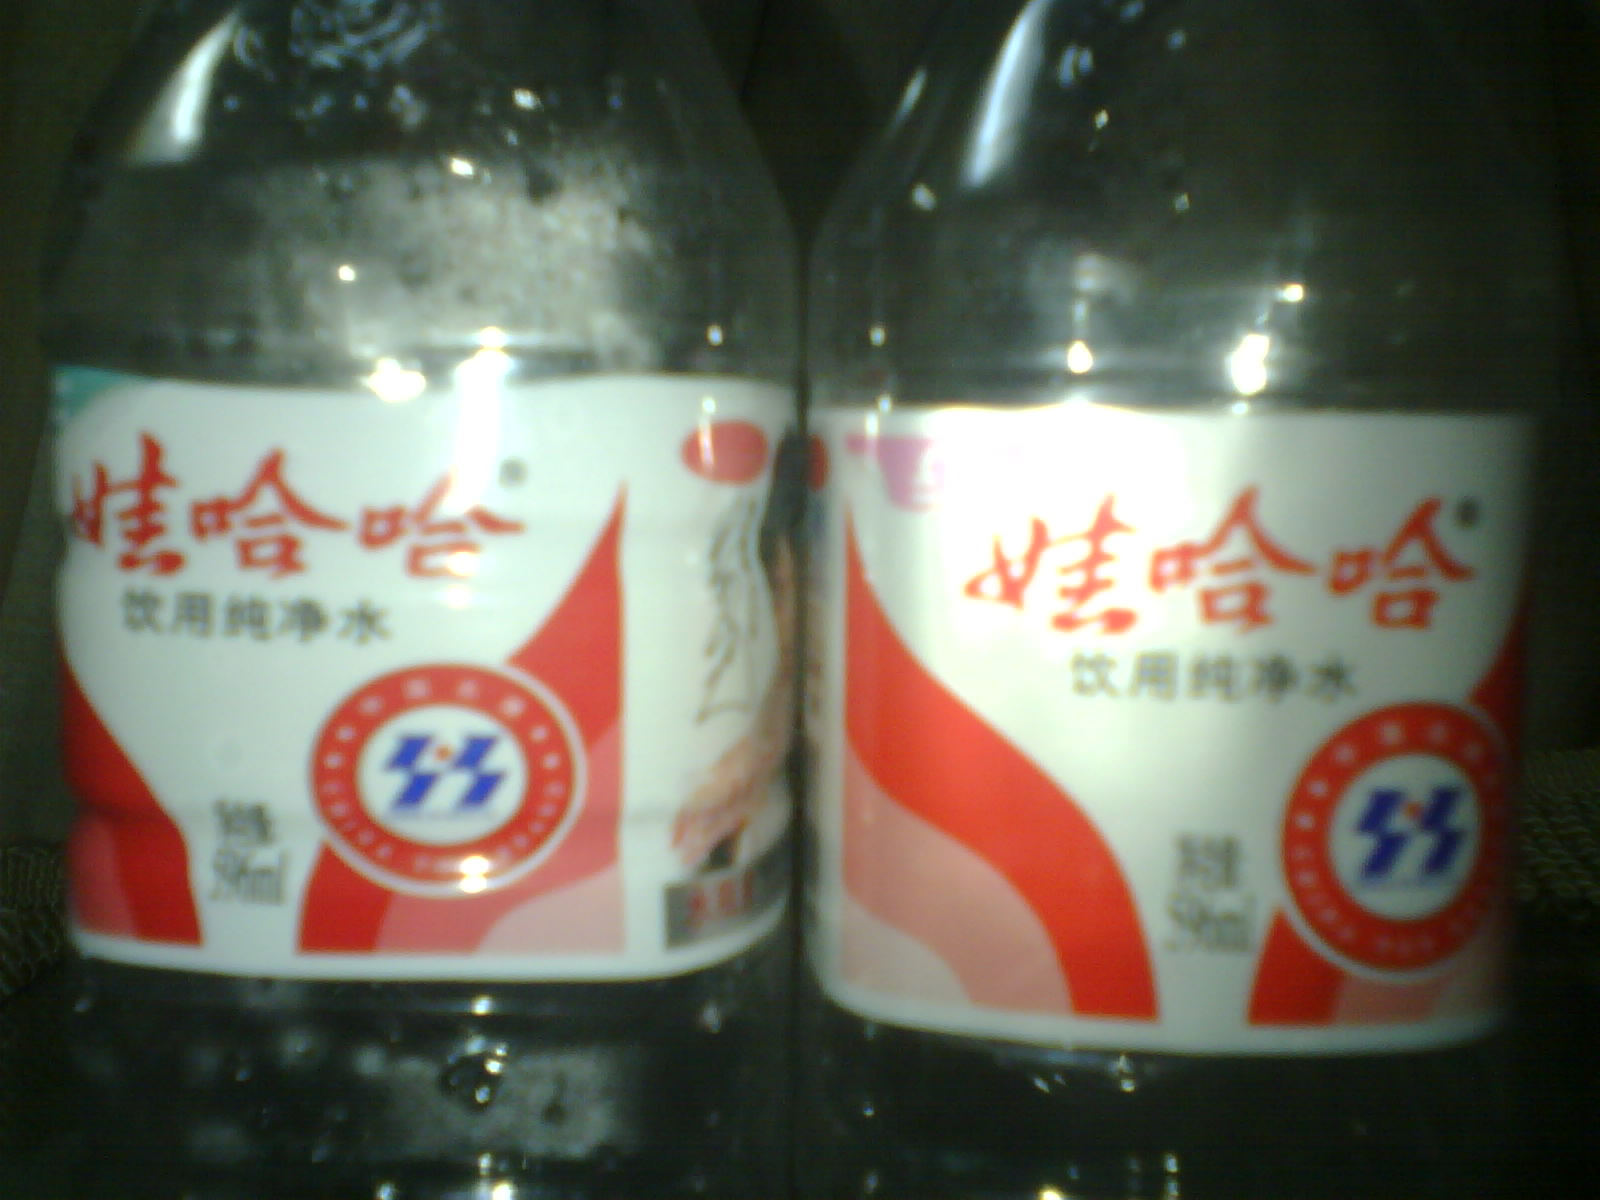 买了两瓶哇哈哈矿泉水